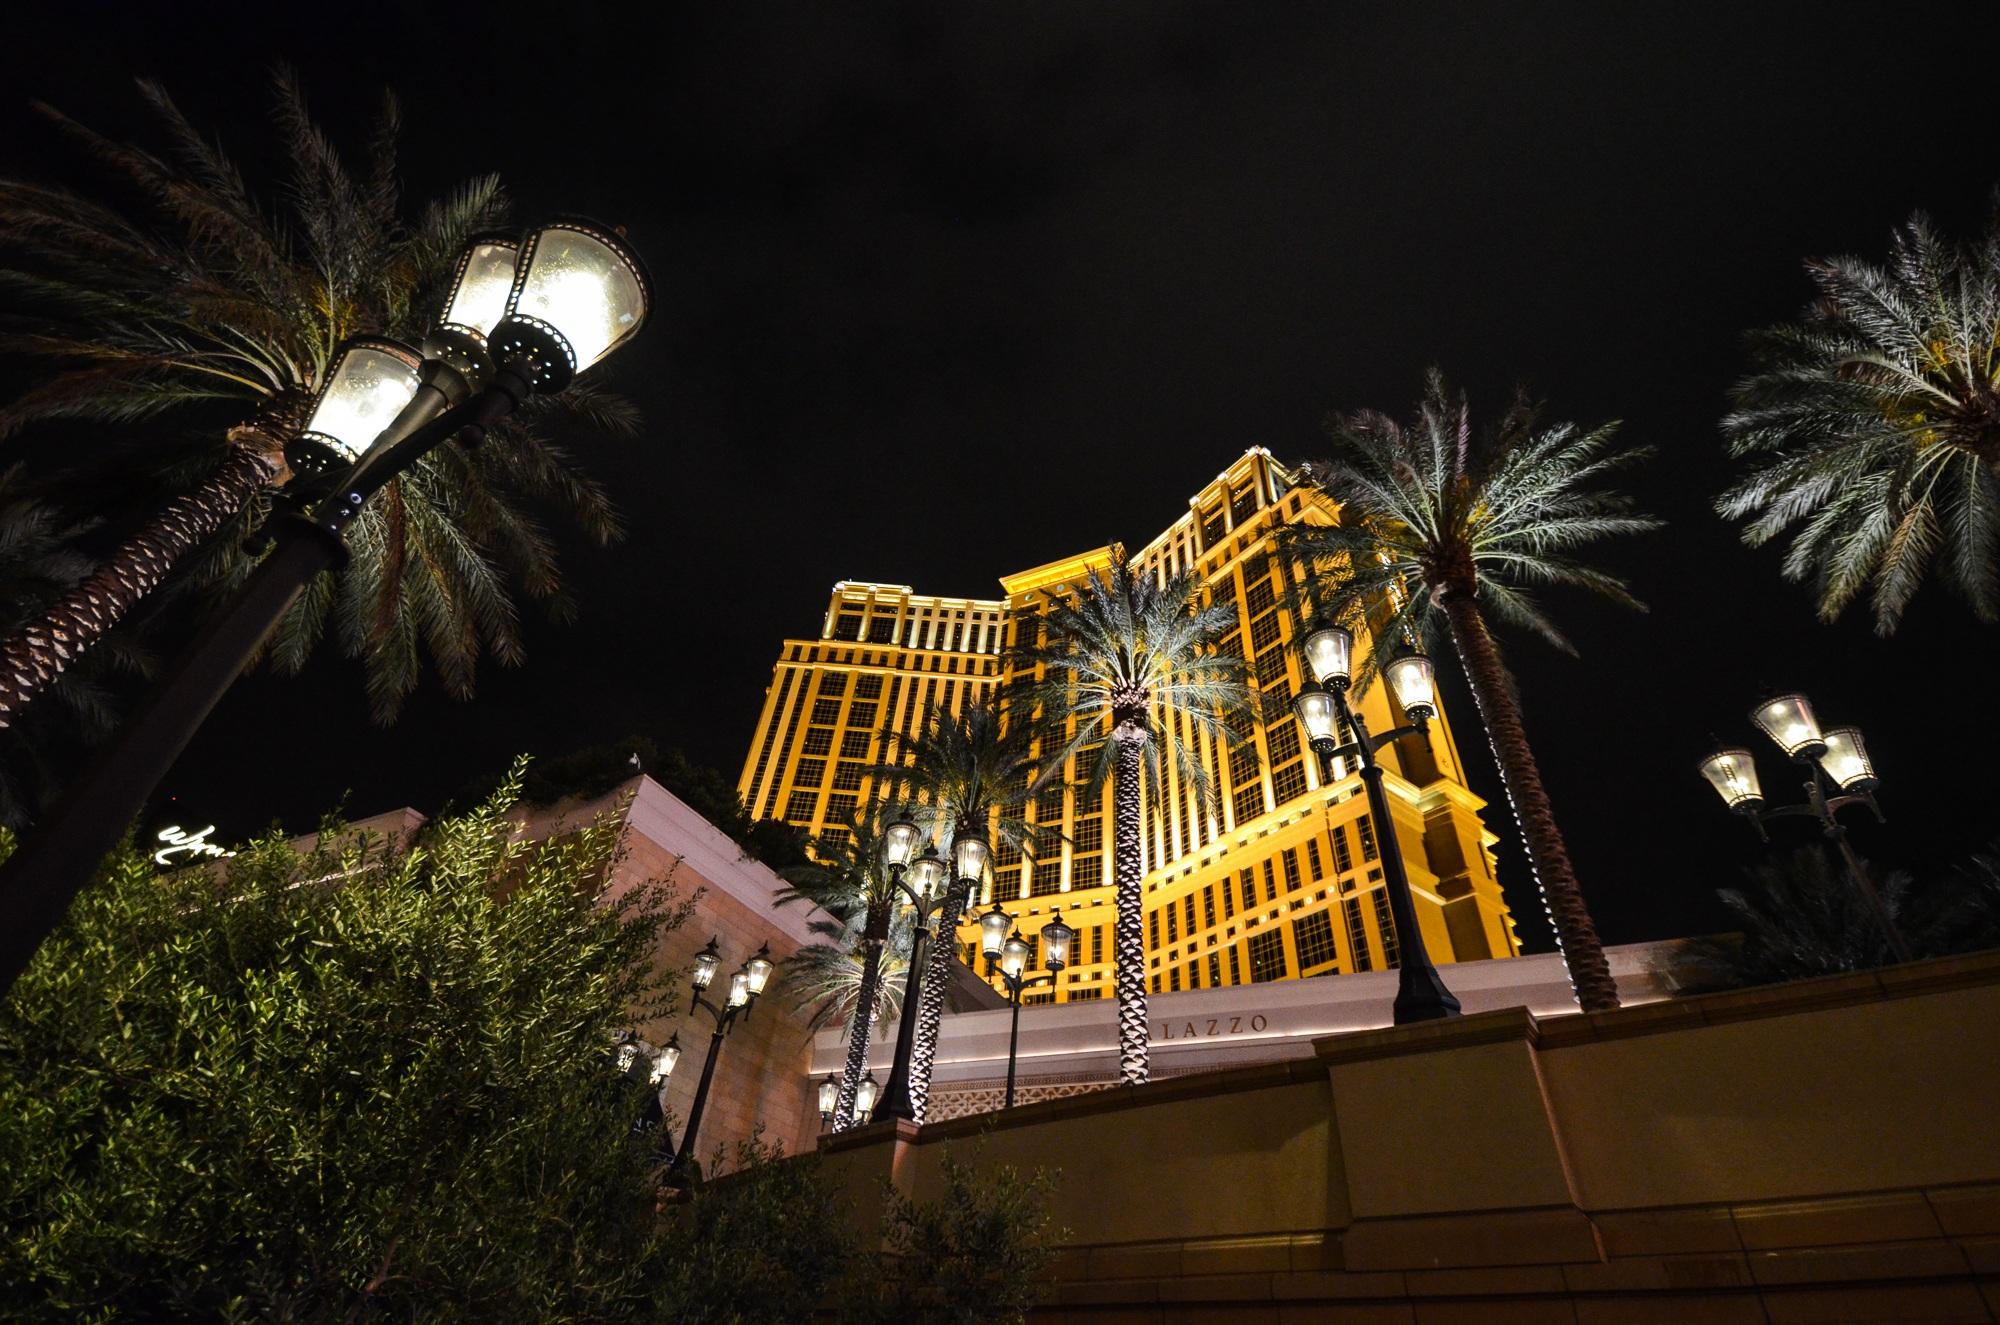 rbol ligero noche ciudad paisaje urbano noche palma estados unidos america punto de referencia iluminacin farola